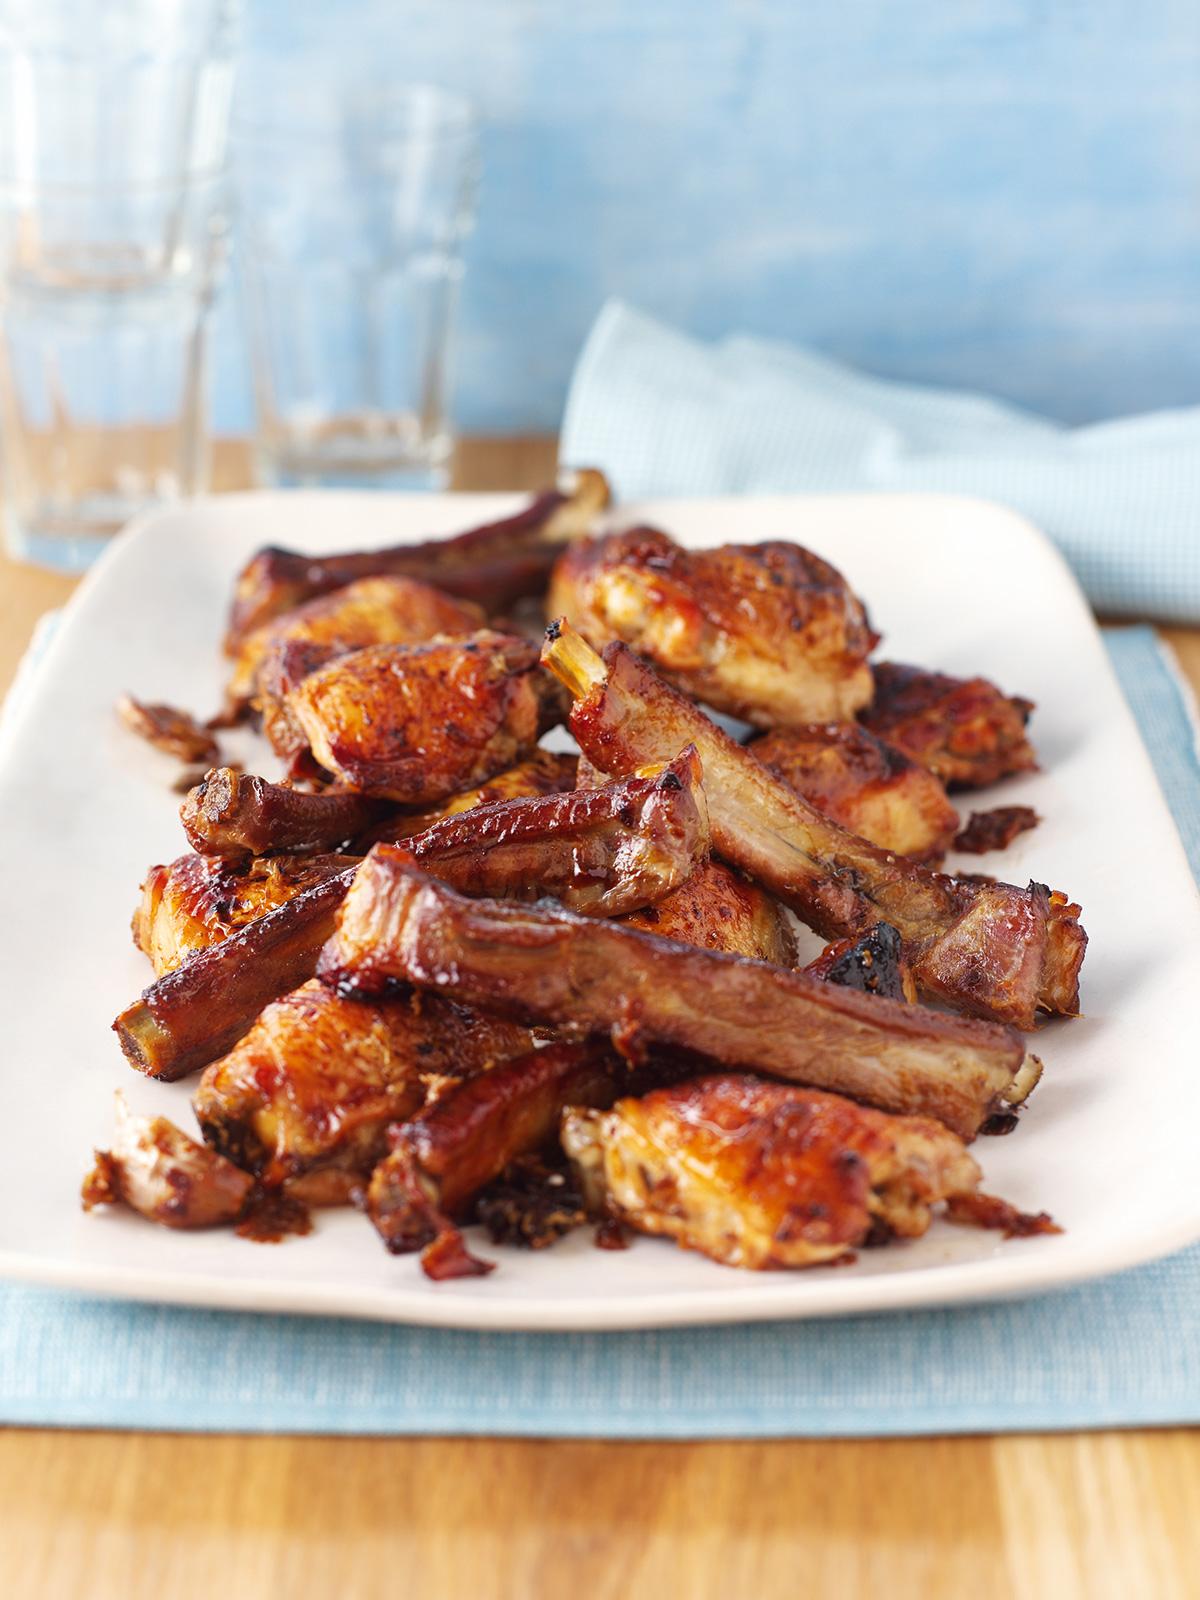 Maple Chicken 'N' Ribs | Nigella's Recipes | Nigella Lawson